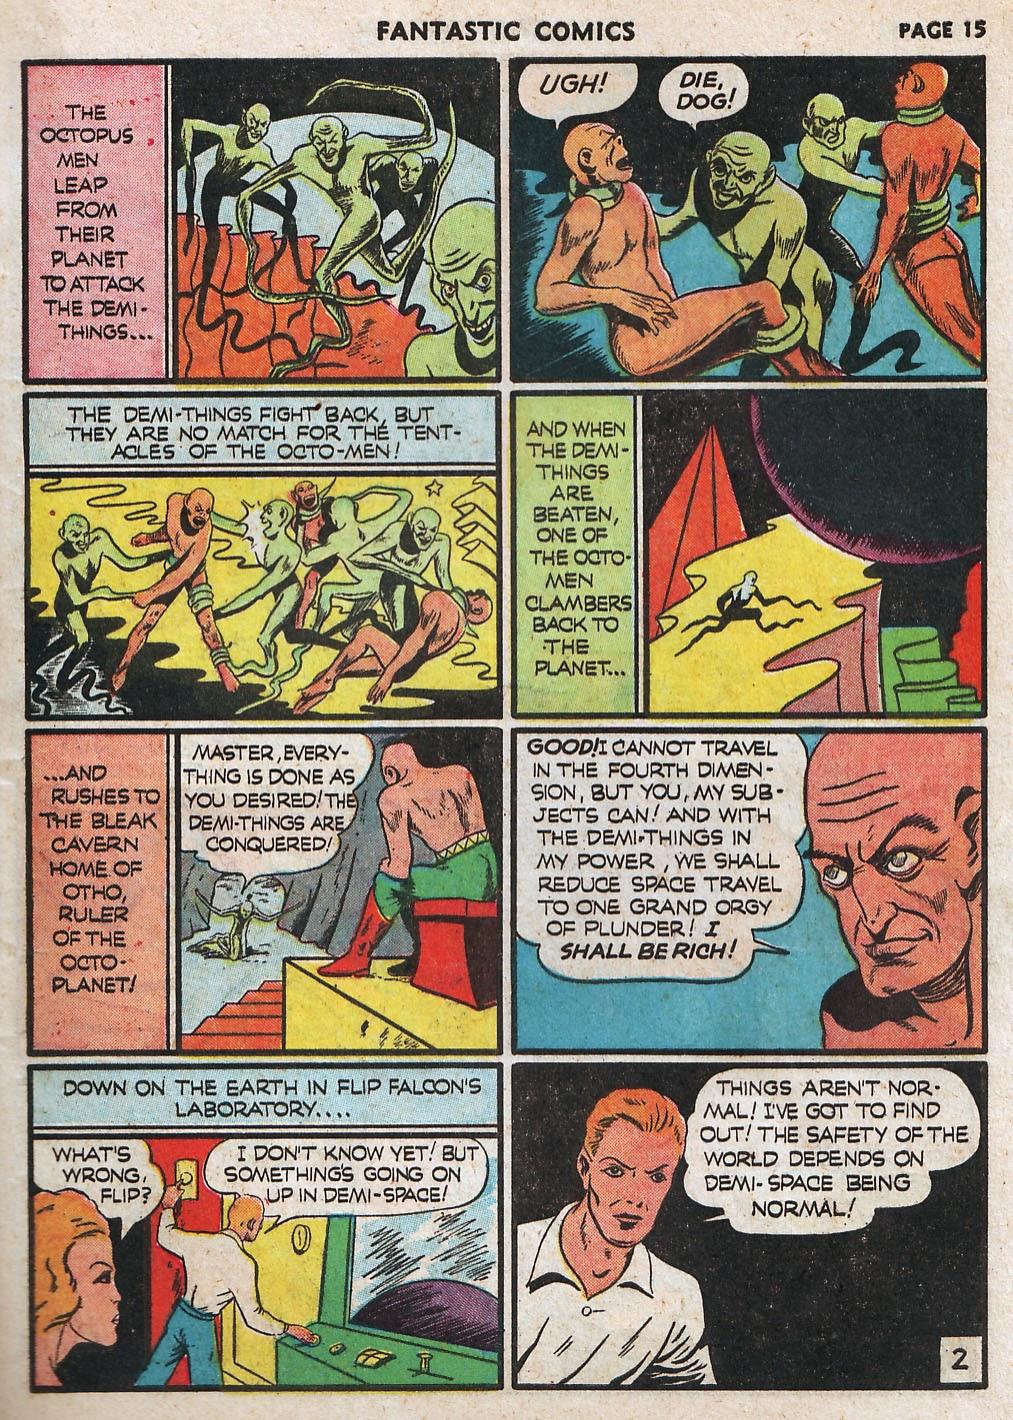 Read online Fantastic Comics comic -  Issue #17 - 17